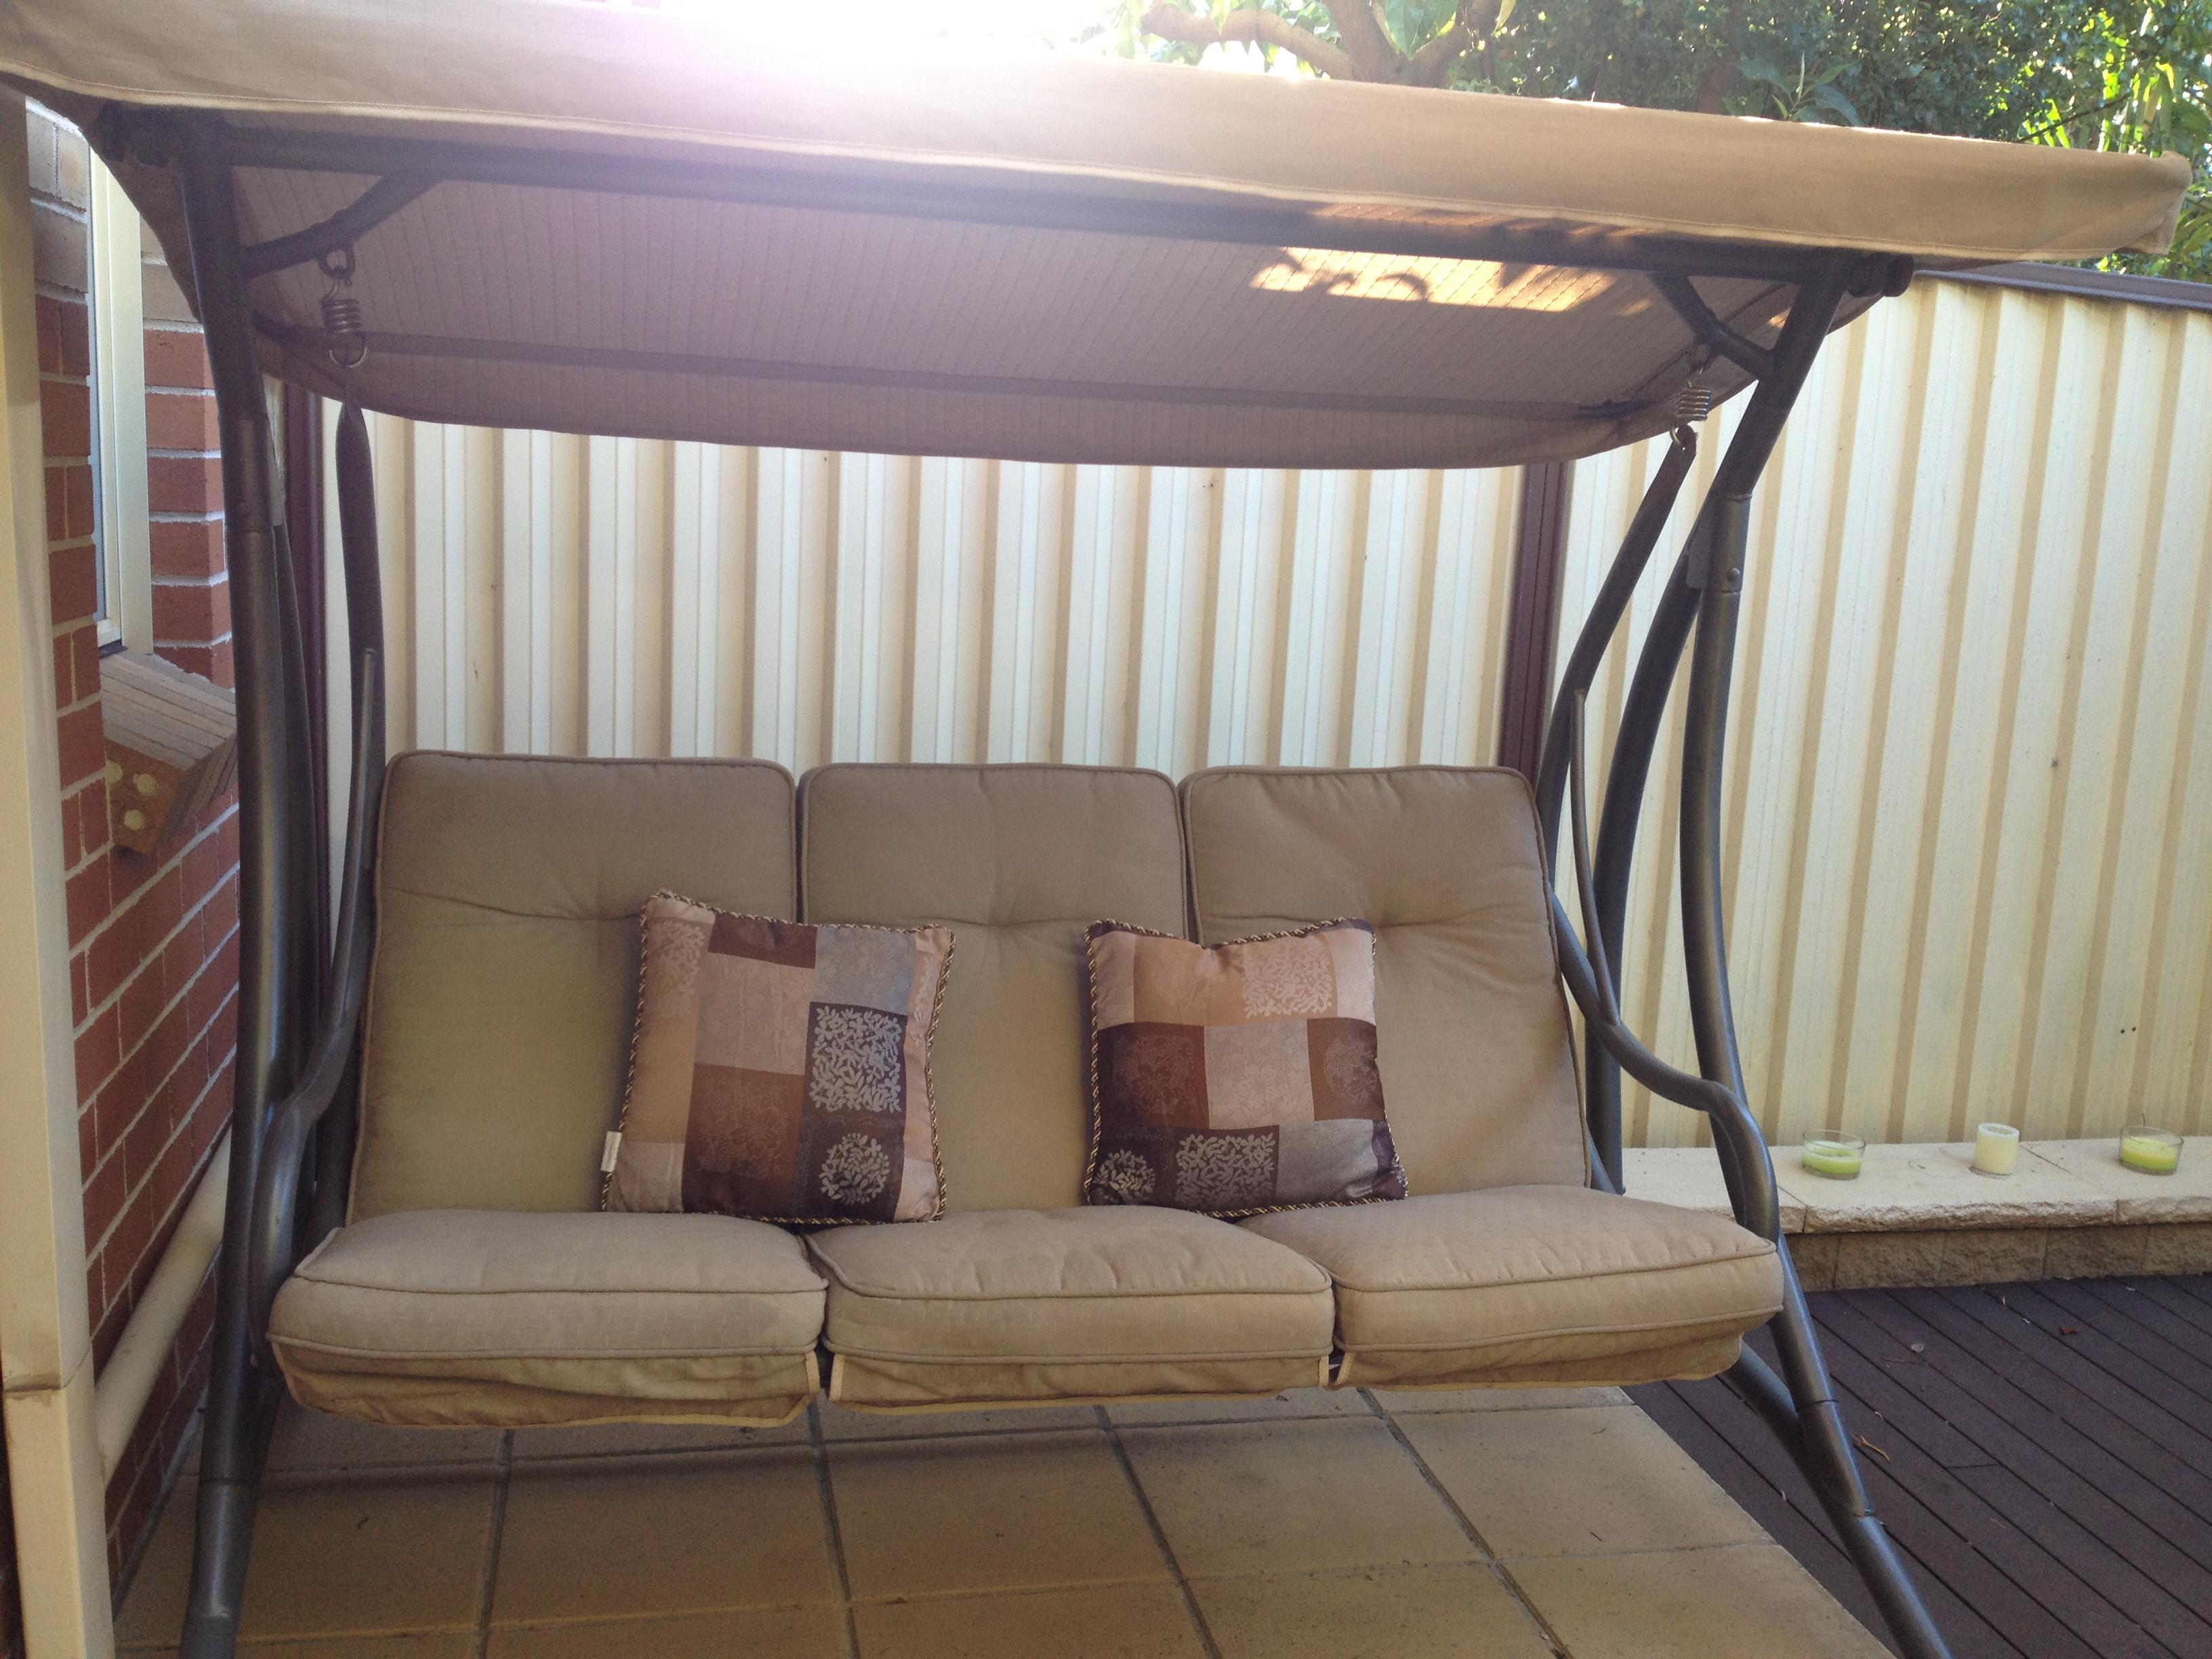 garden chair covers bunnings helsinki posture design littleprince68